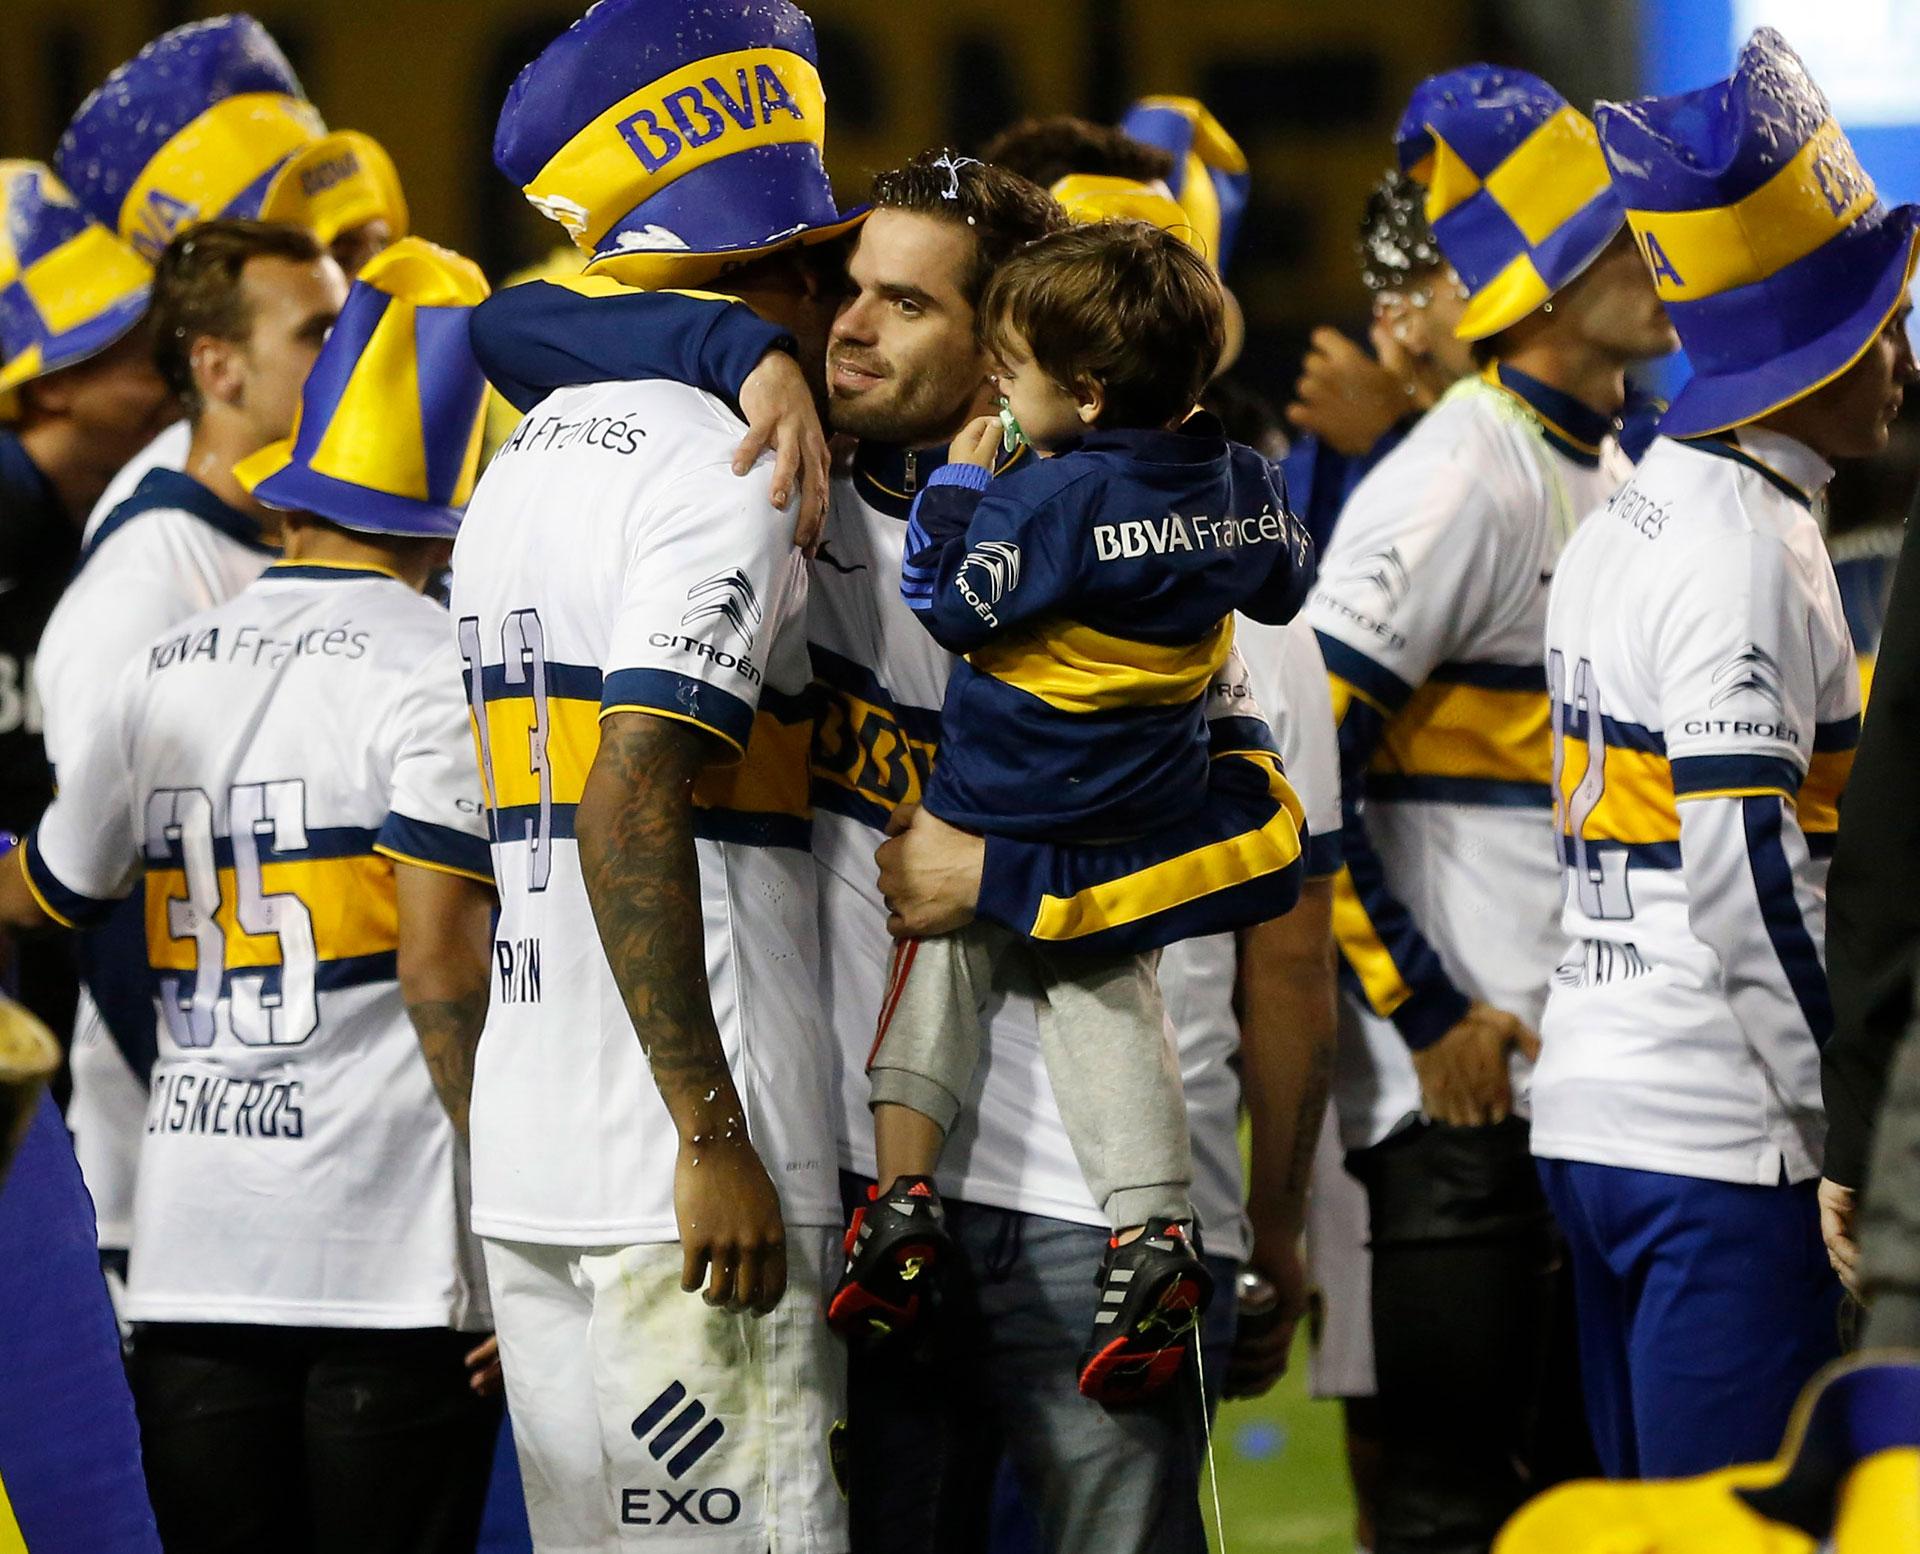 Campeonato 2015: recuperándose de una lesión, festejó junto a sus compañeros el título nacional a los pocos días de levantar la Copa Argentina (Foto Baires)